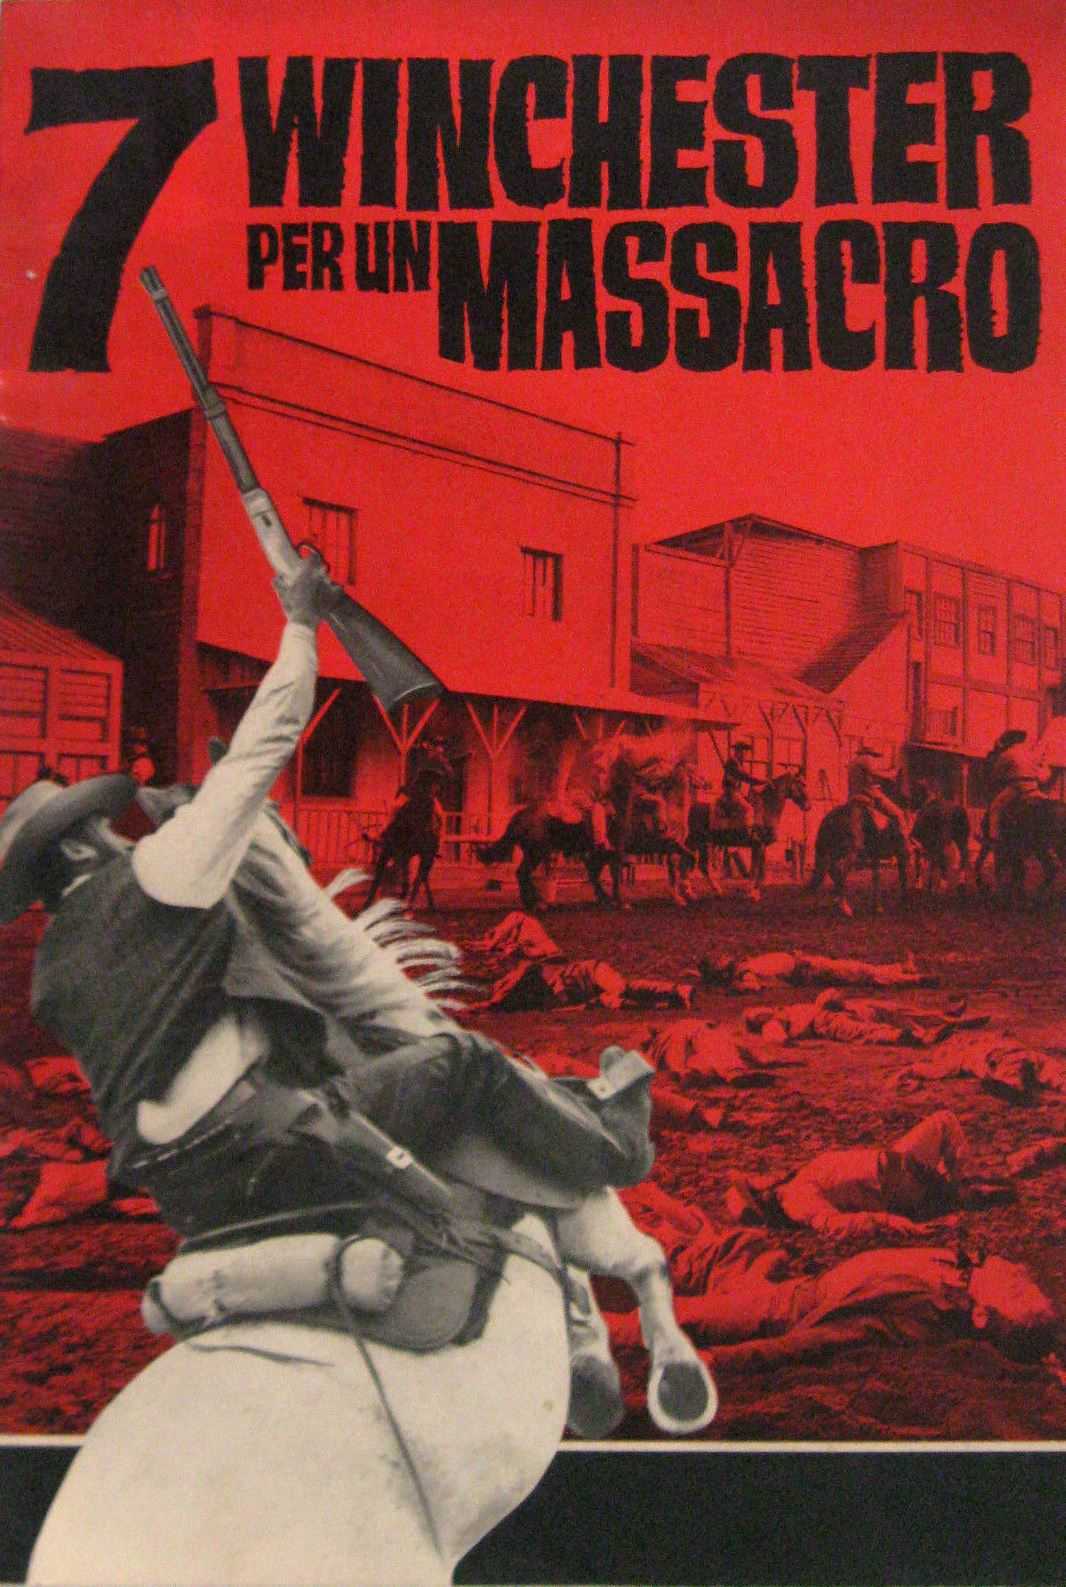 7-WINCHESTER-PER-UN-MASSACRO-cartonato-1967